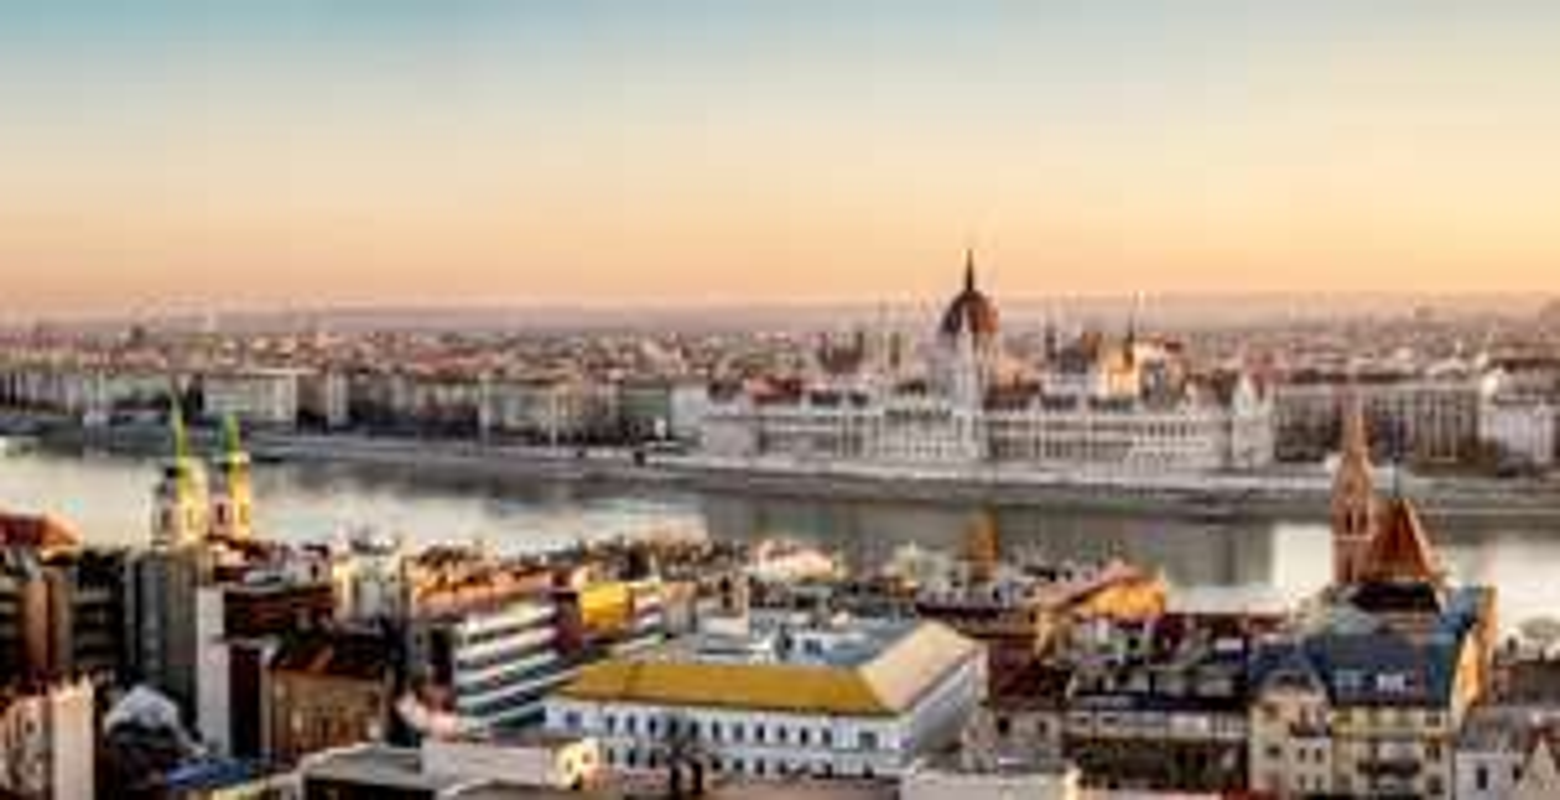 Séjour 5 jours / 4 nuits à l'hôtel 3* Corvin à Budapest, petit-déjeuner inclus, au départ de plusieurs villes (prix par personne)